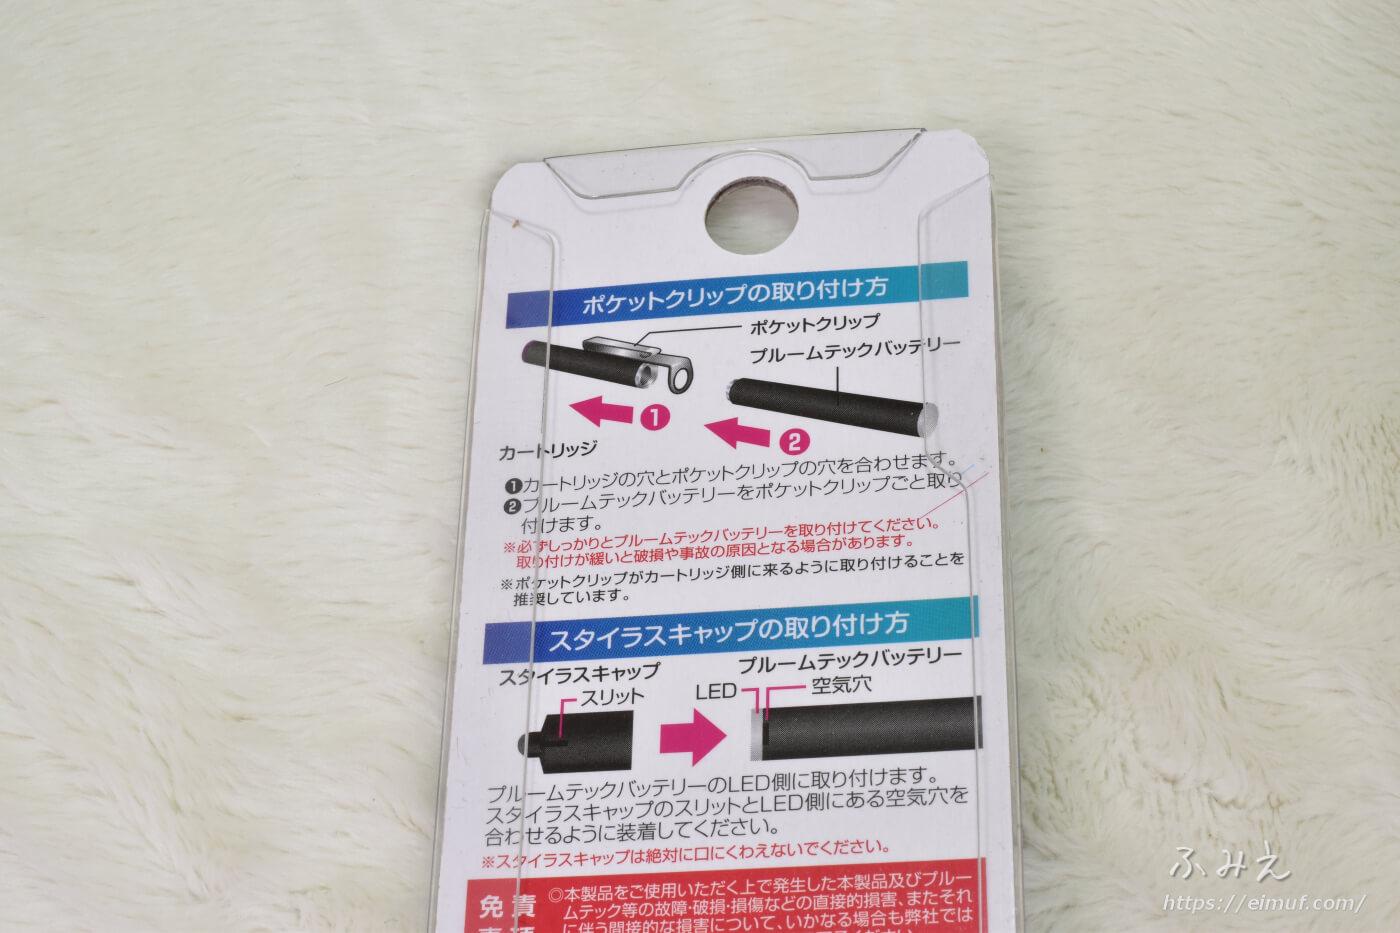 PloomTECH ポケットクリップ&スタイラスキャップのパッケージ裏面